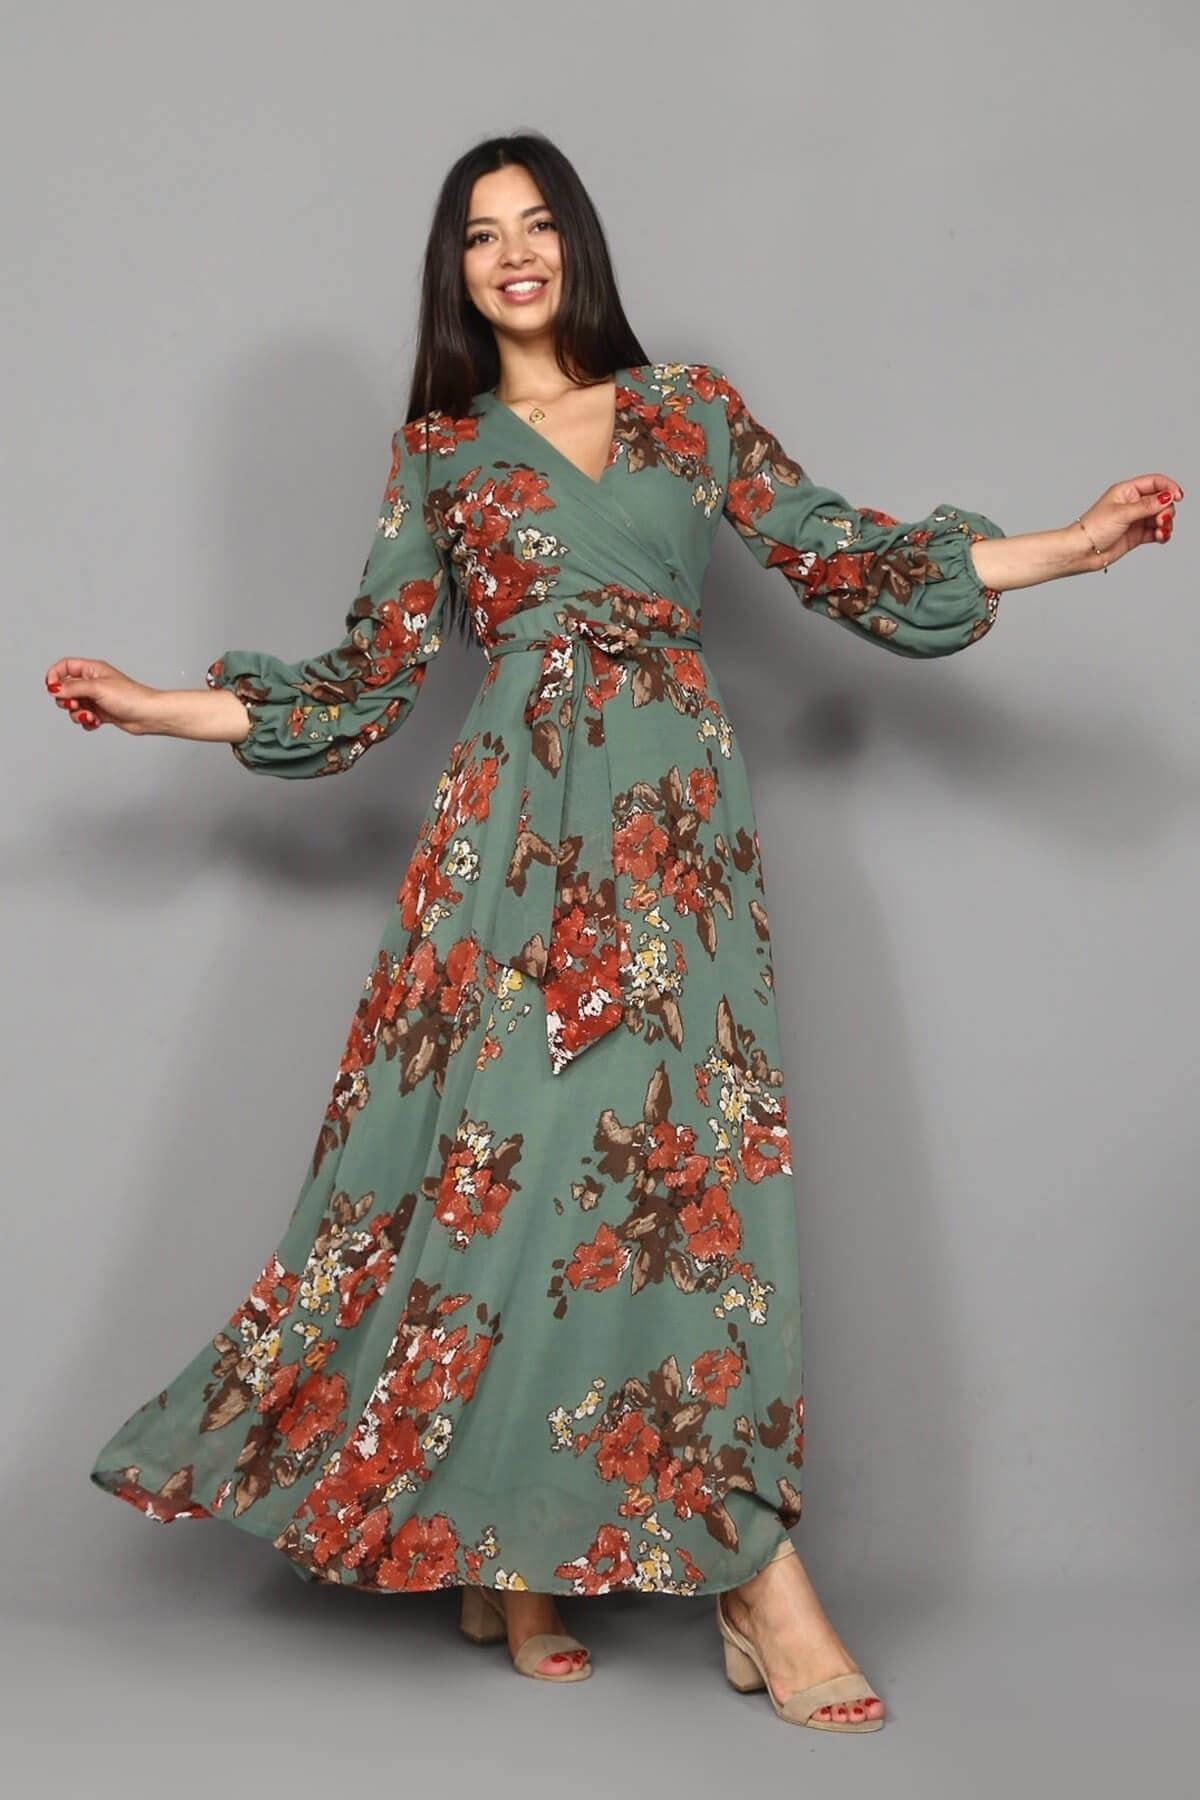 Modakapimda Yeşil Çiçekli Uzun Büyük Beden Şifon Elbise 1